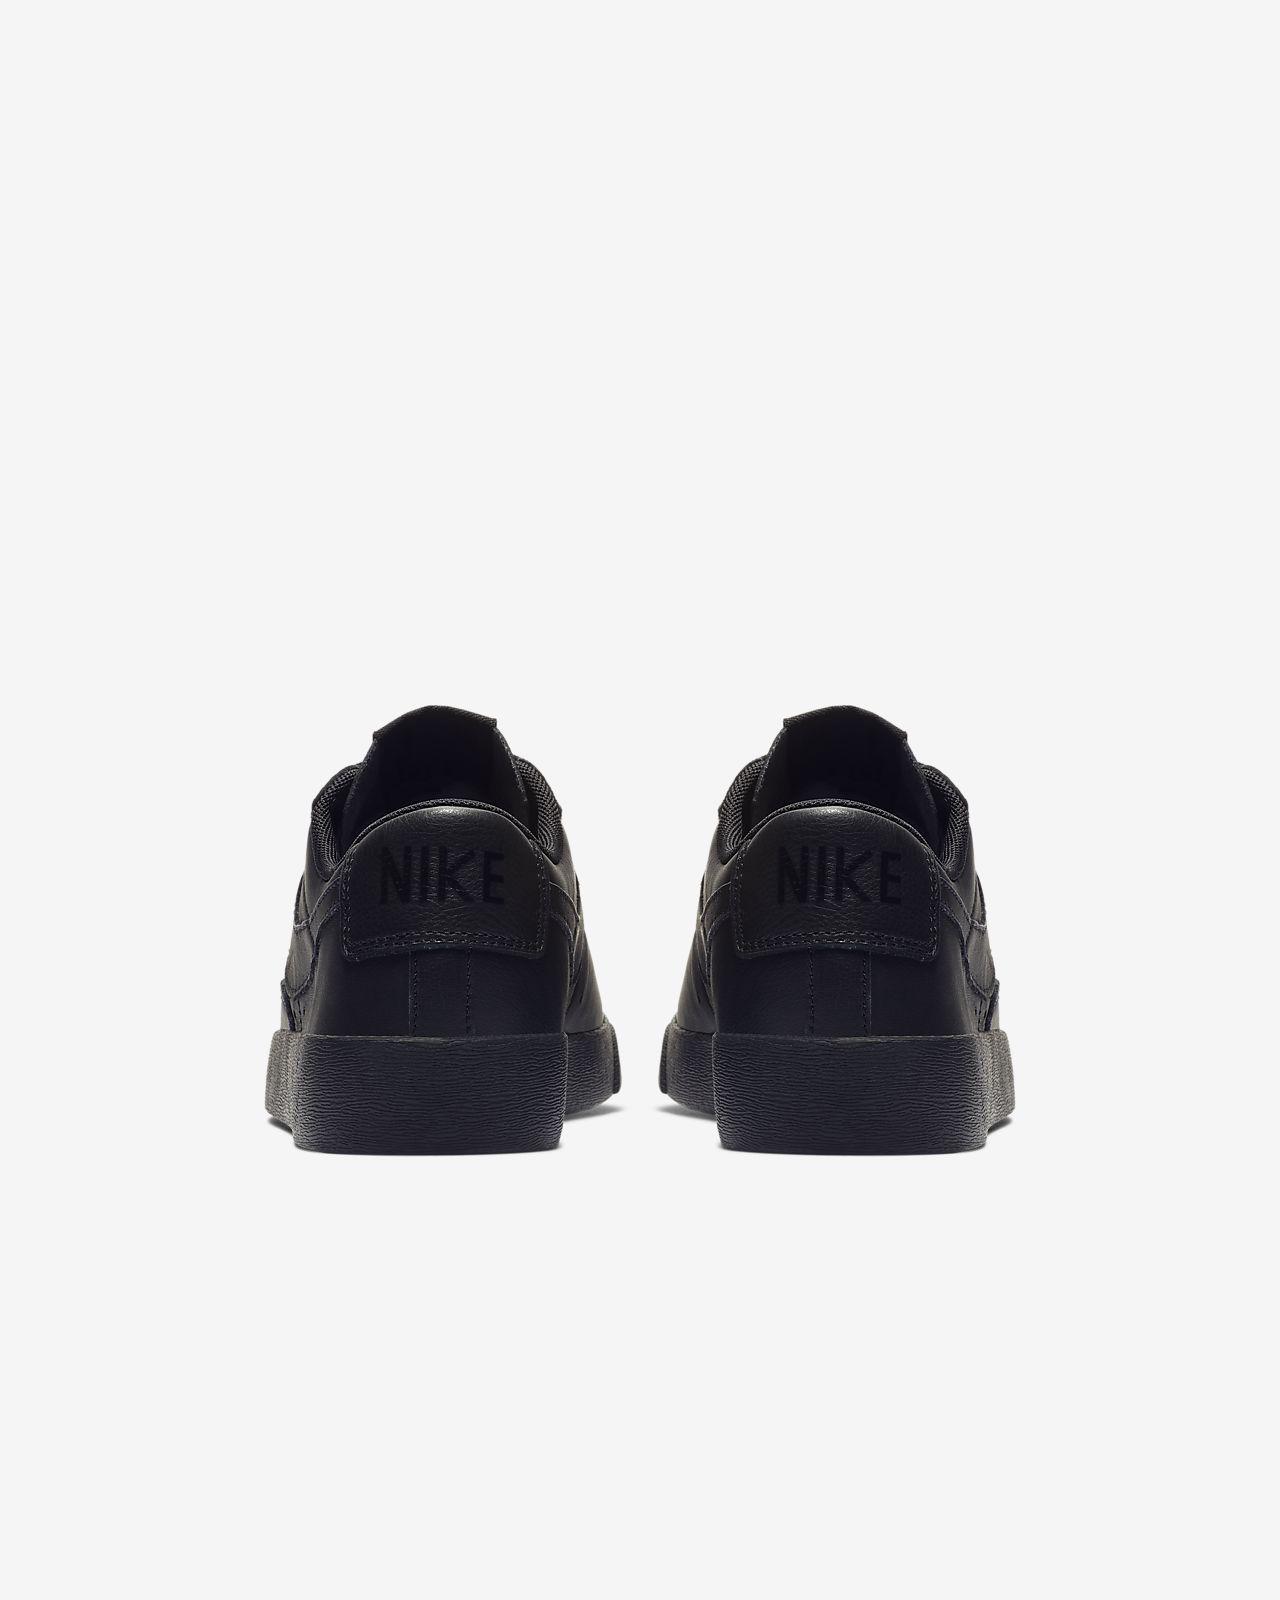 half off 2b44d c9e2f ... Chaussure Nike Blazer Low LE pour Femme